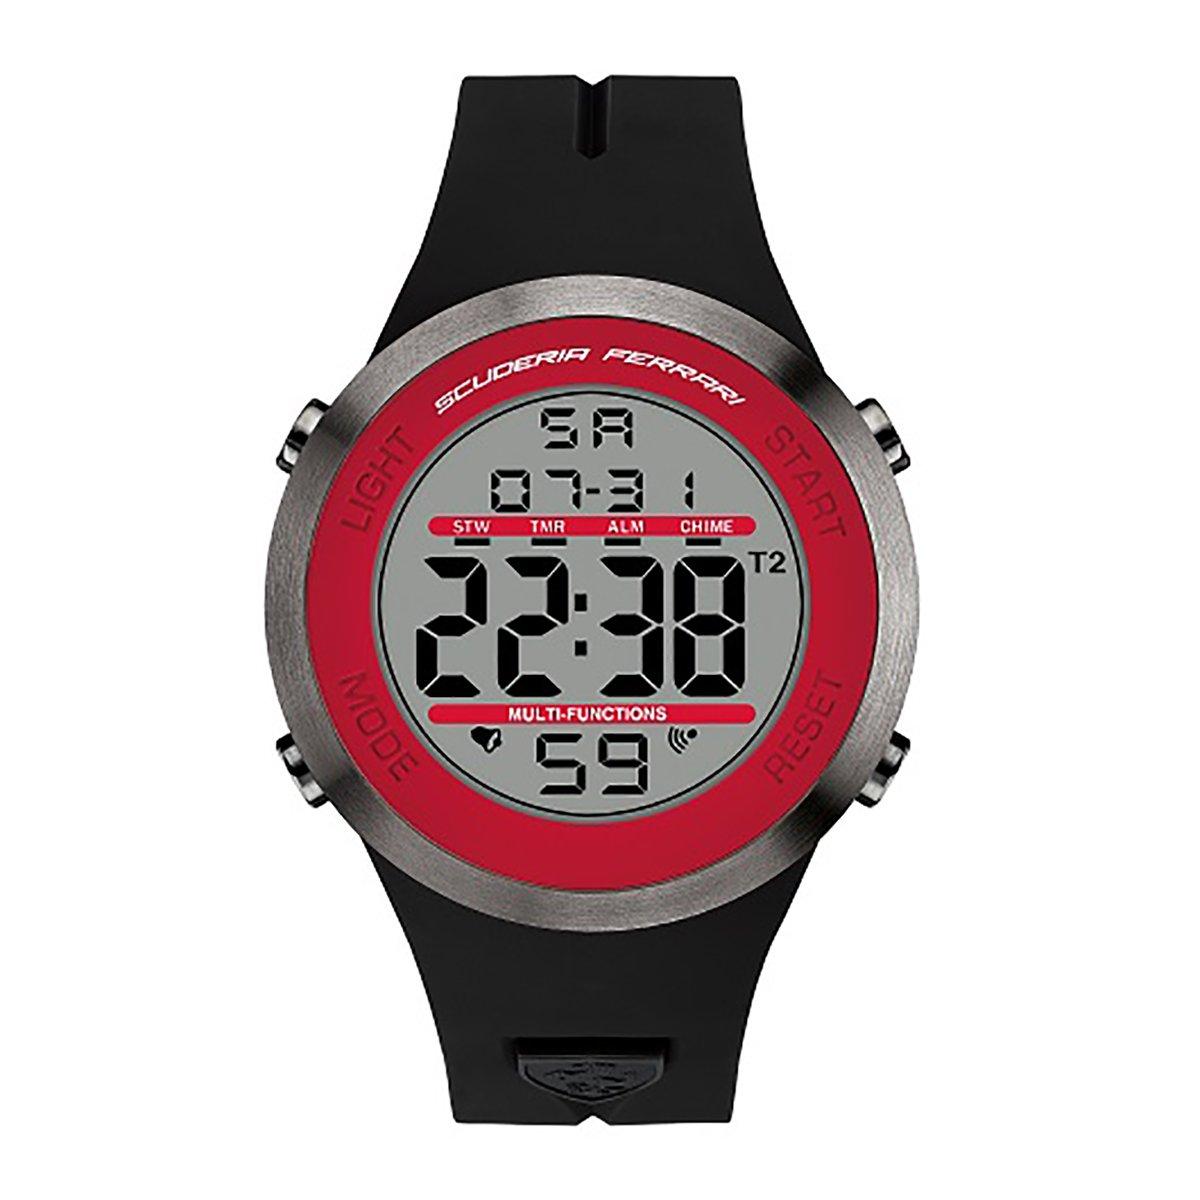 นาฬิกาผู้ชาย Ferrari รุ่น 0830371, Scuderia Ferrari